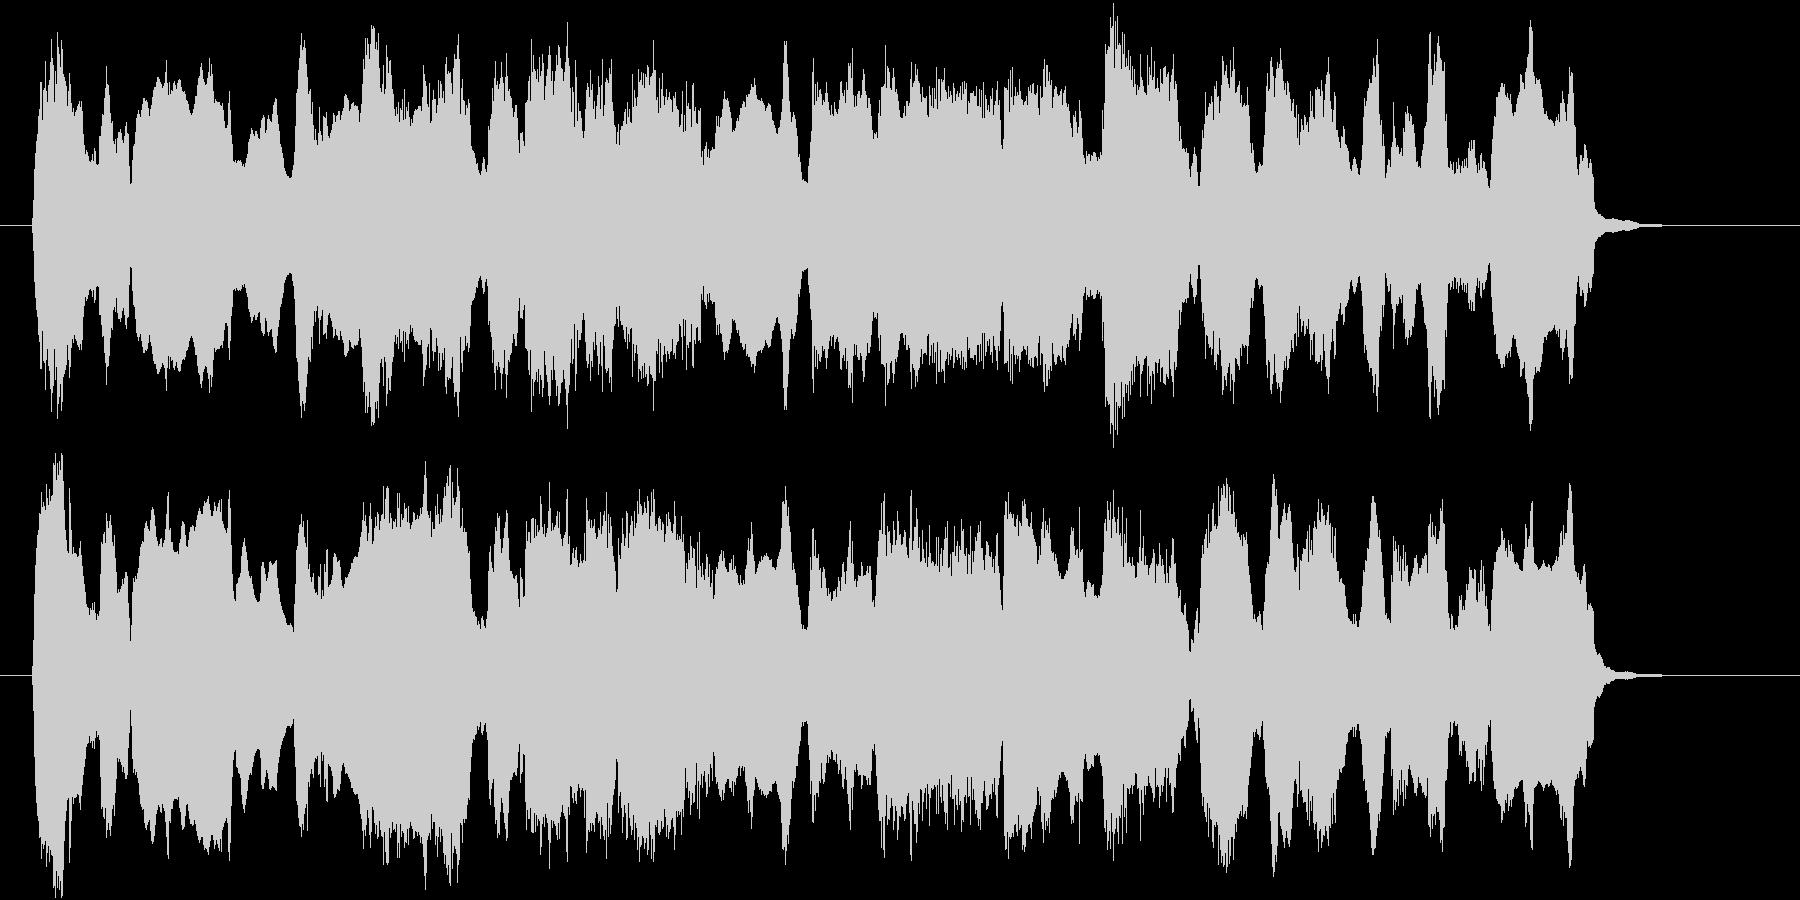 のどかな三拍子のオーボエの曲の未再生の波形